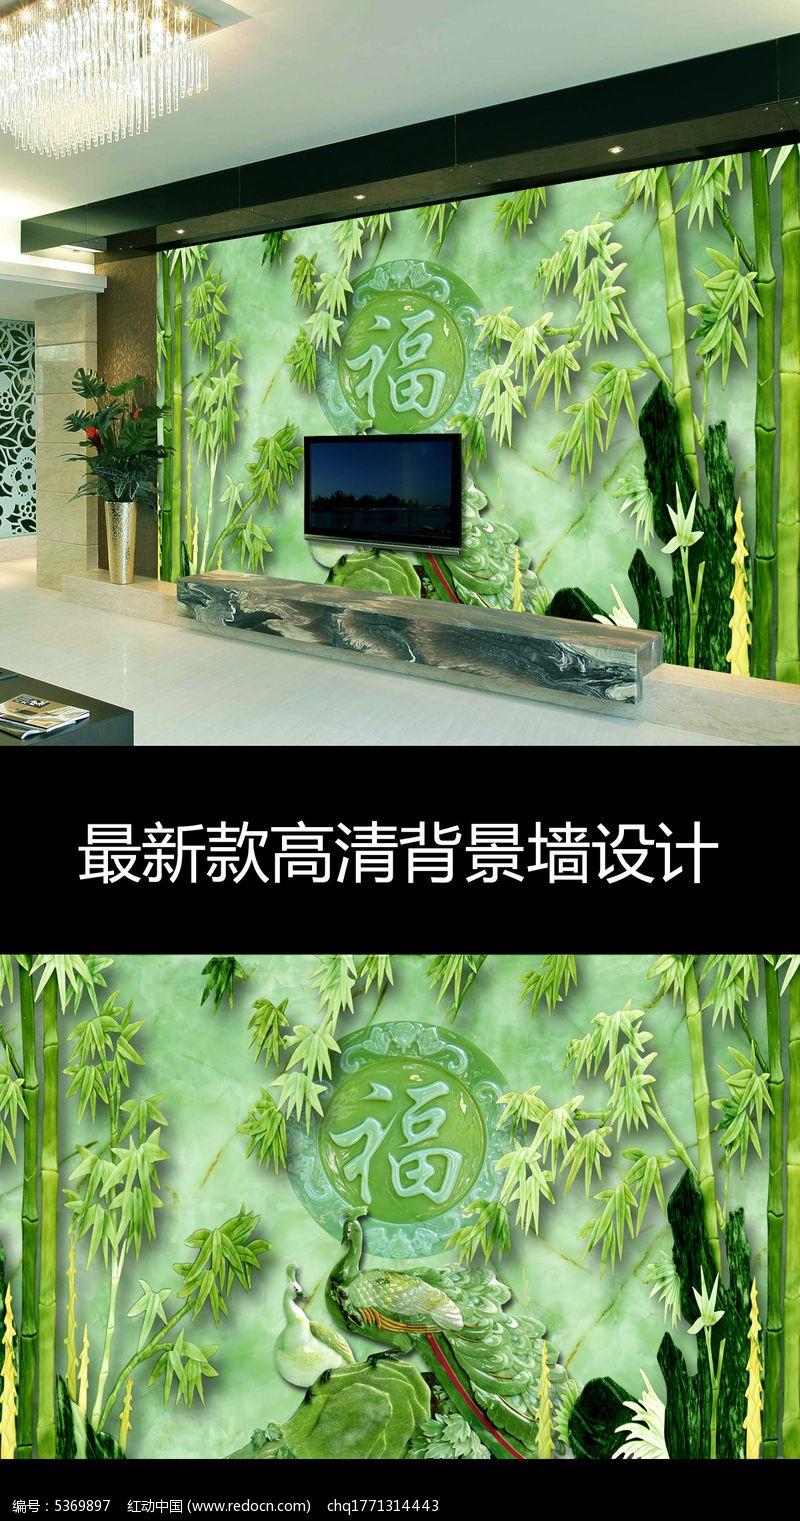 中式玉雕竹子孔雀壁画电视背景墙图片